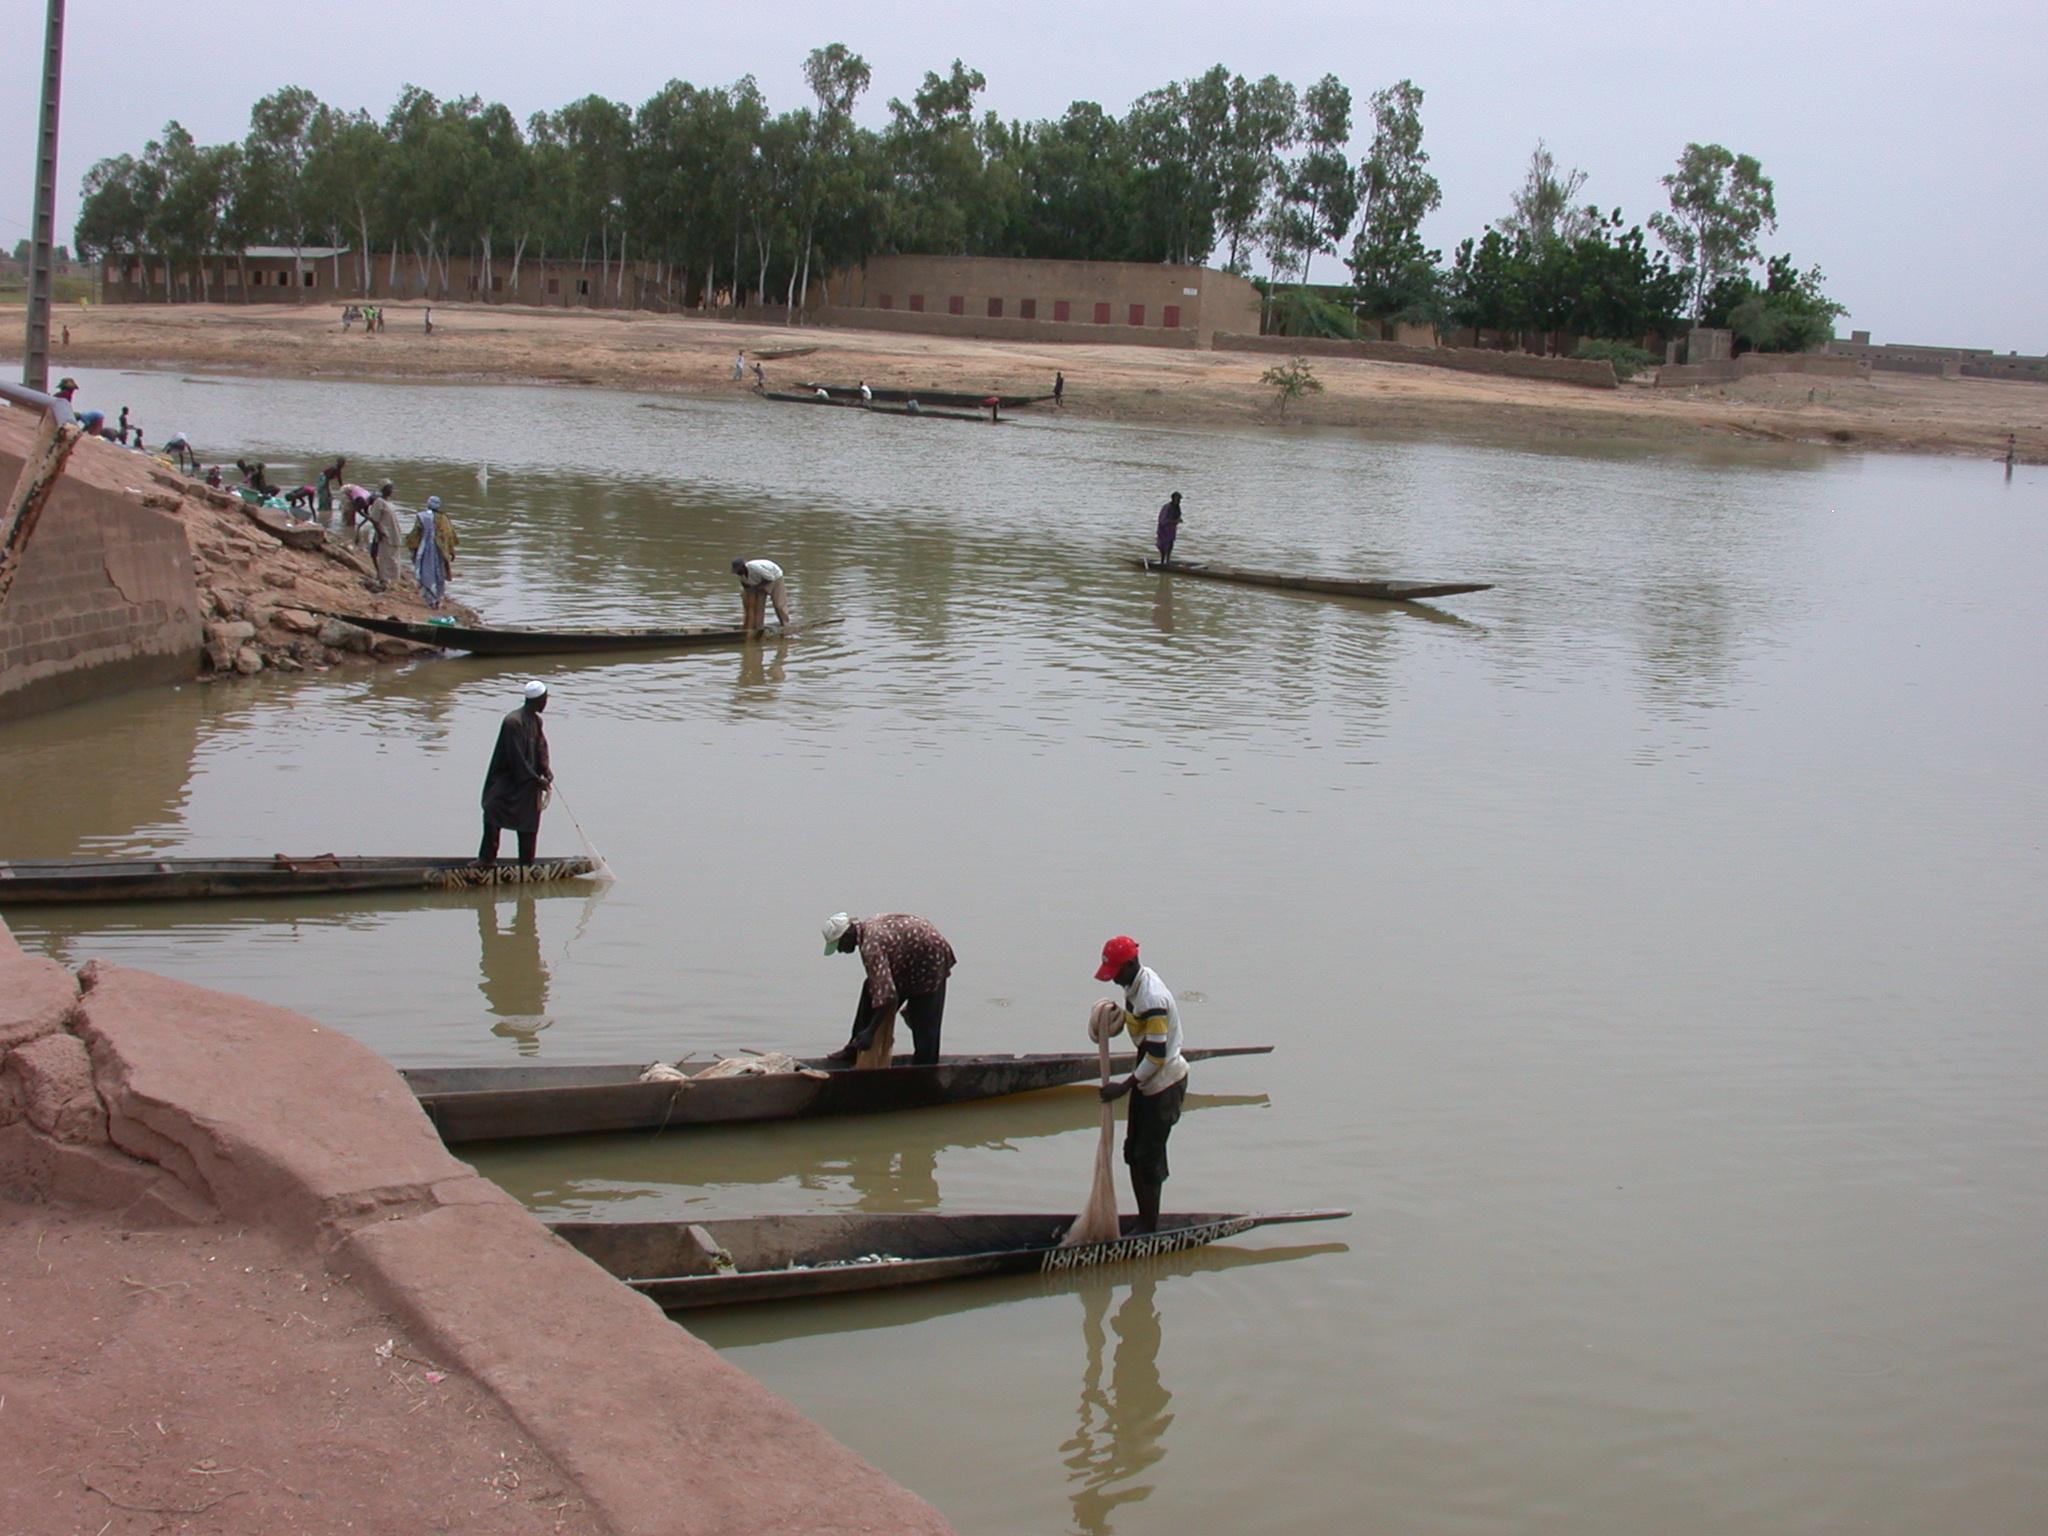 Pirogues in Jenne, Mali